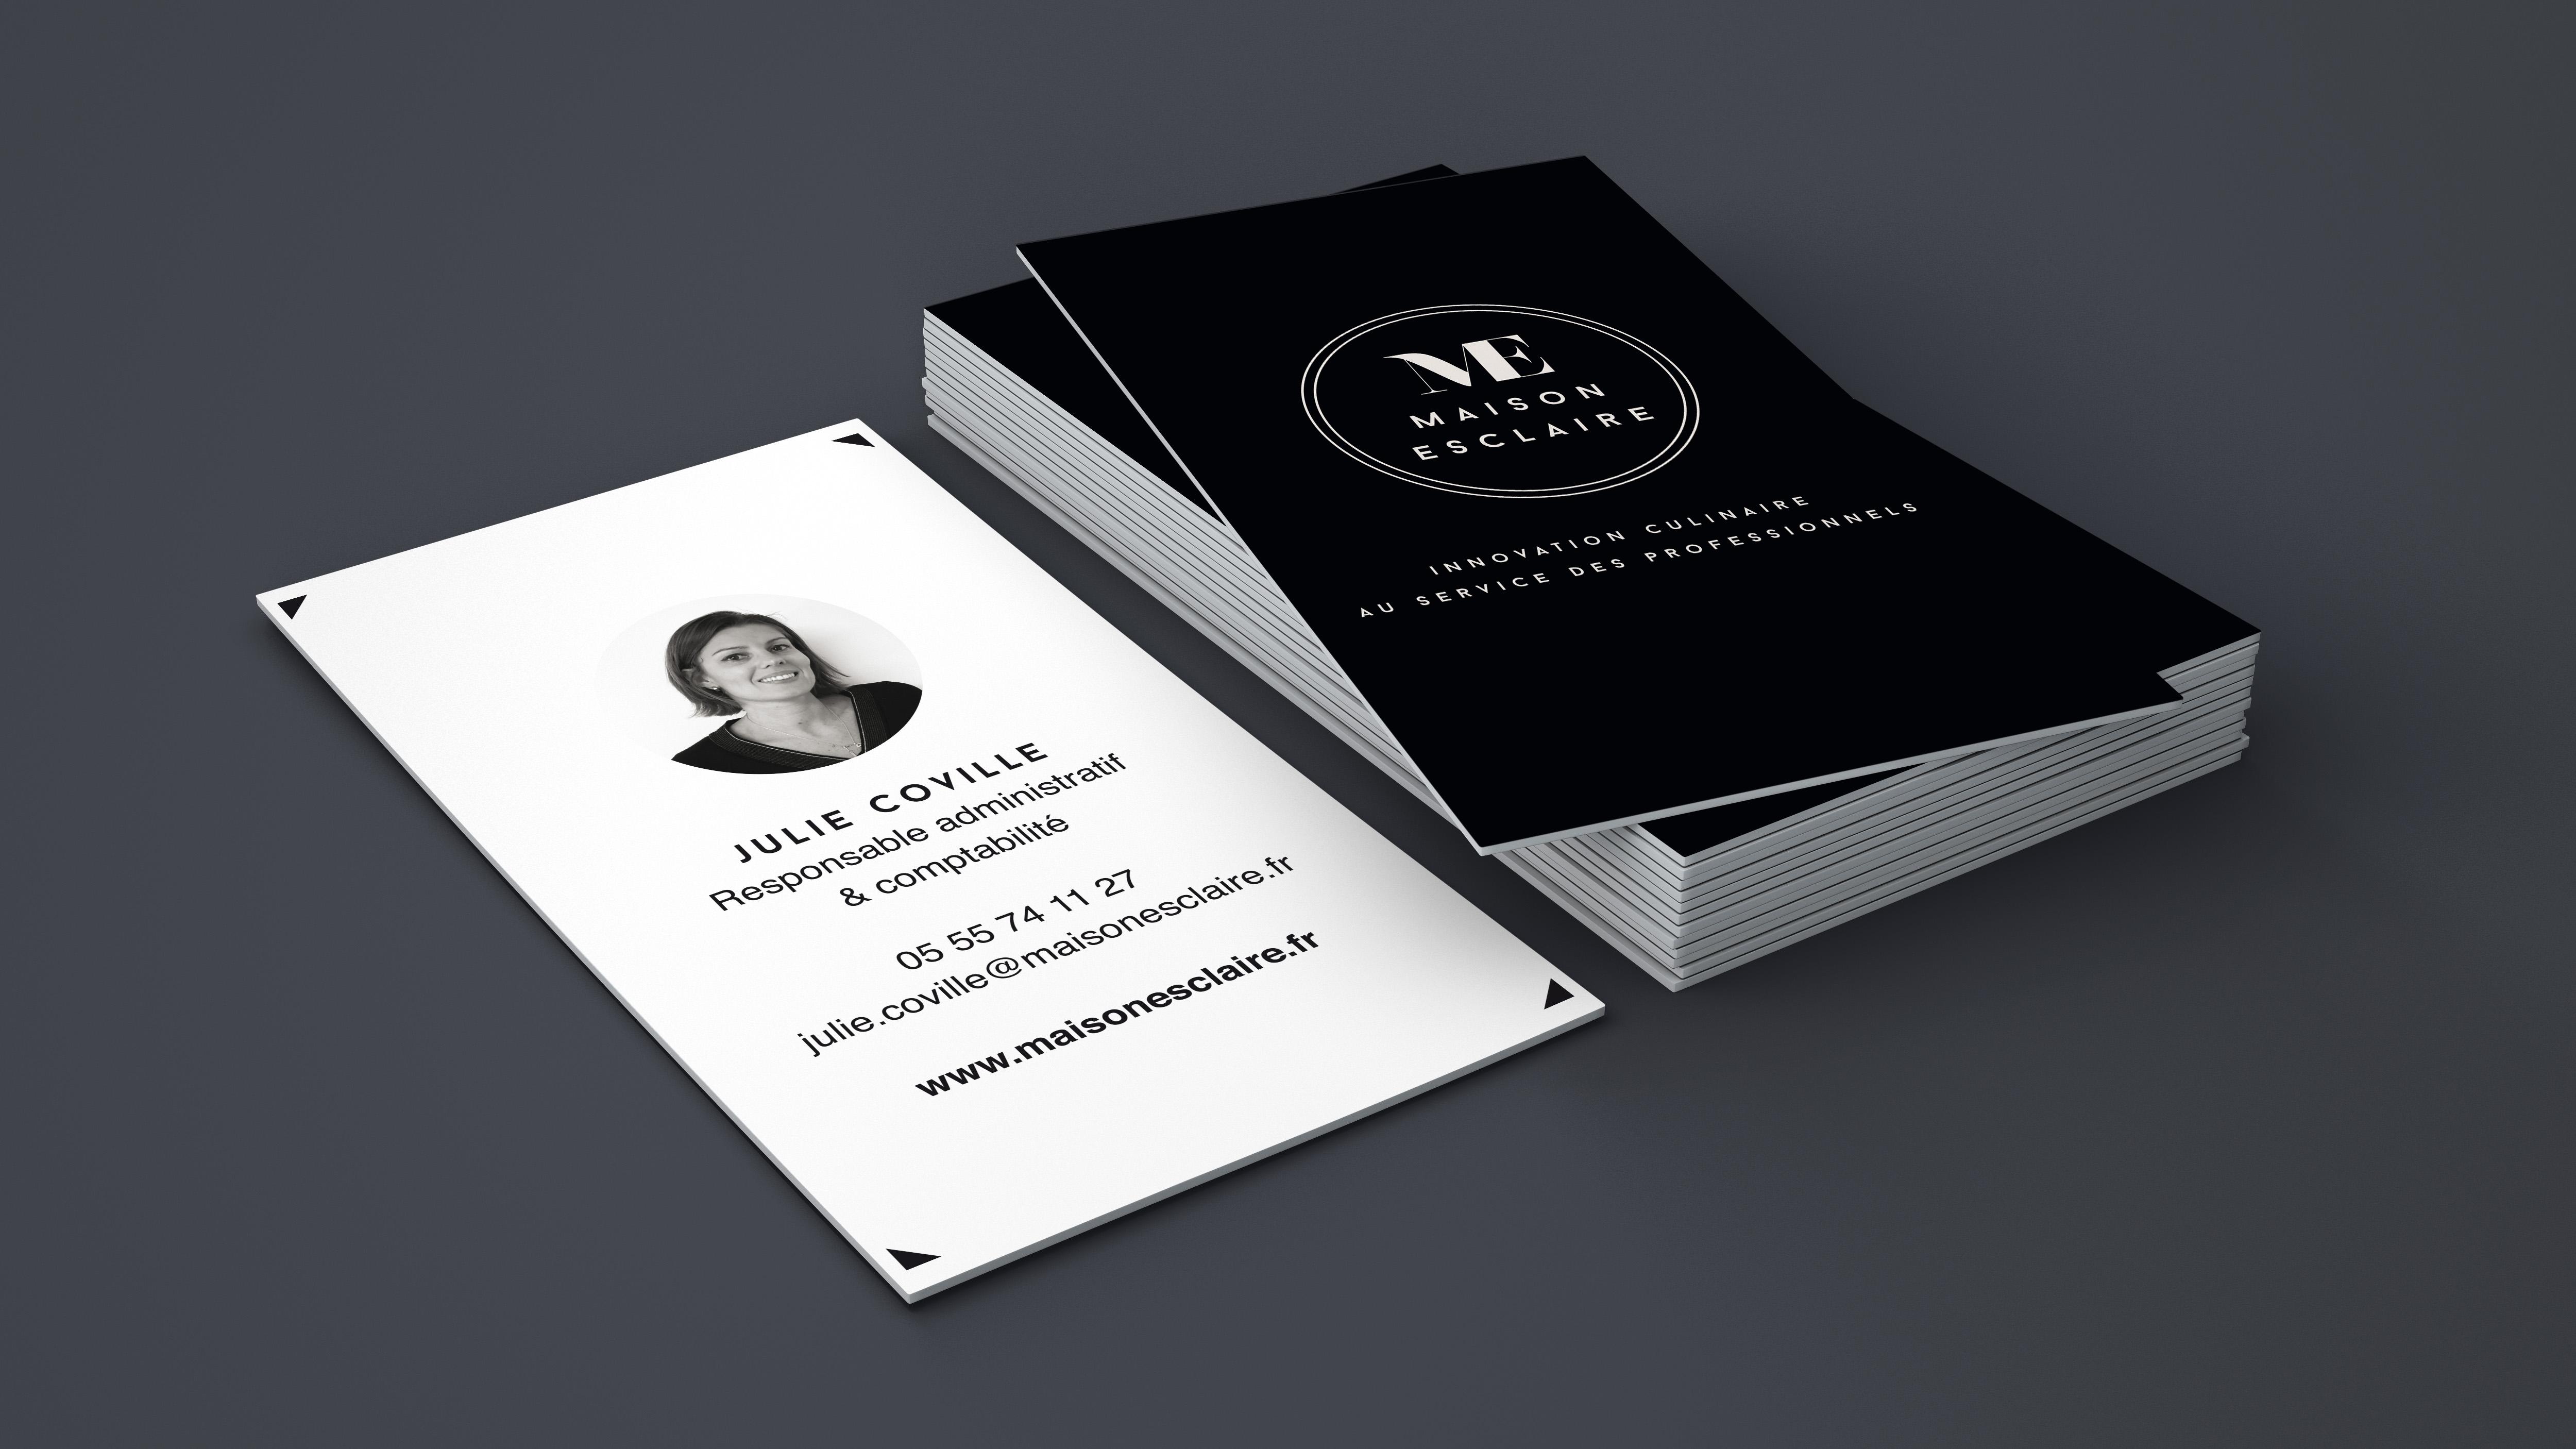 création de cartes de visite élégante